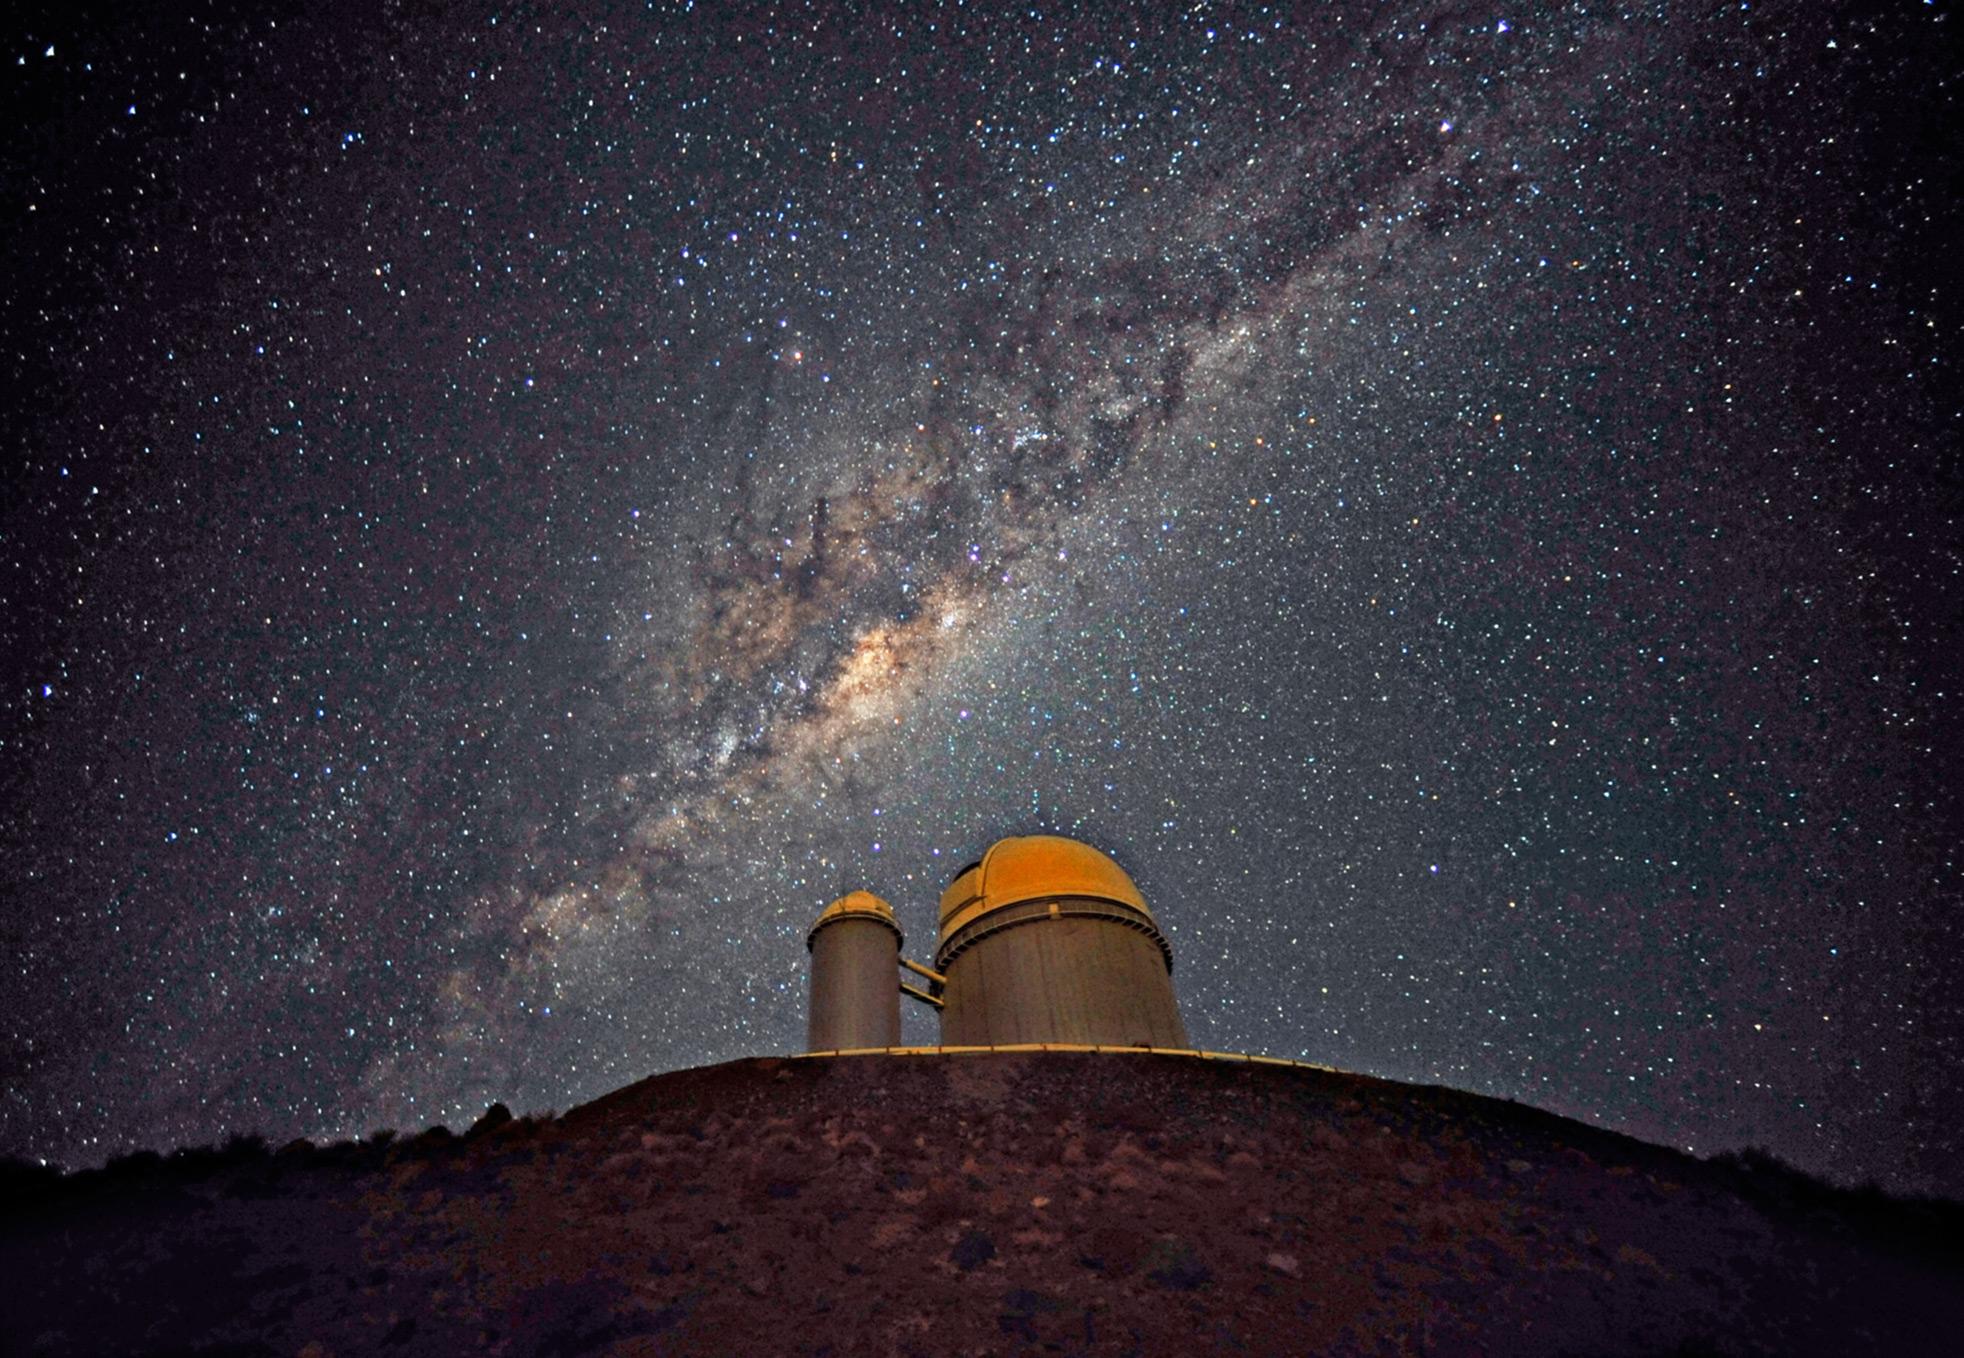 Radial Velocity The Planetary Society